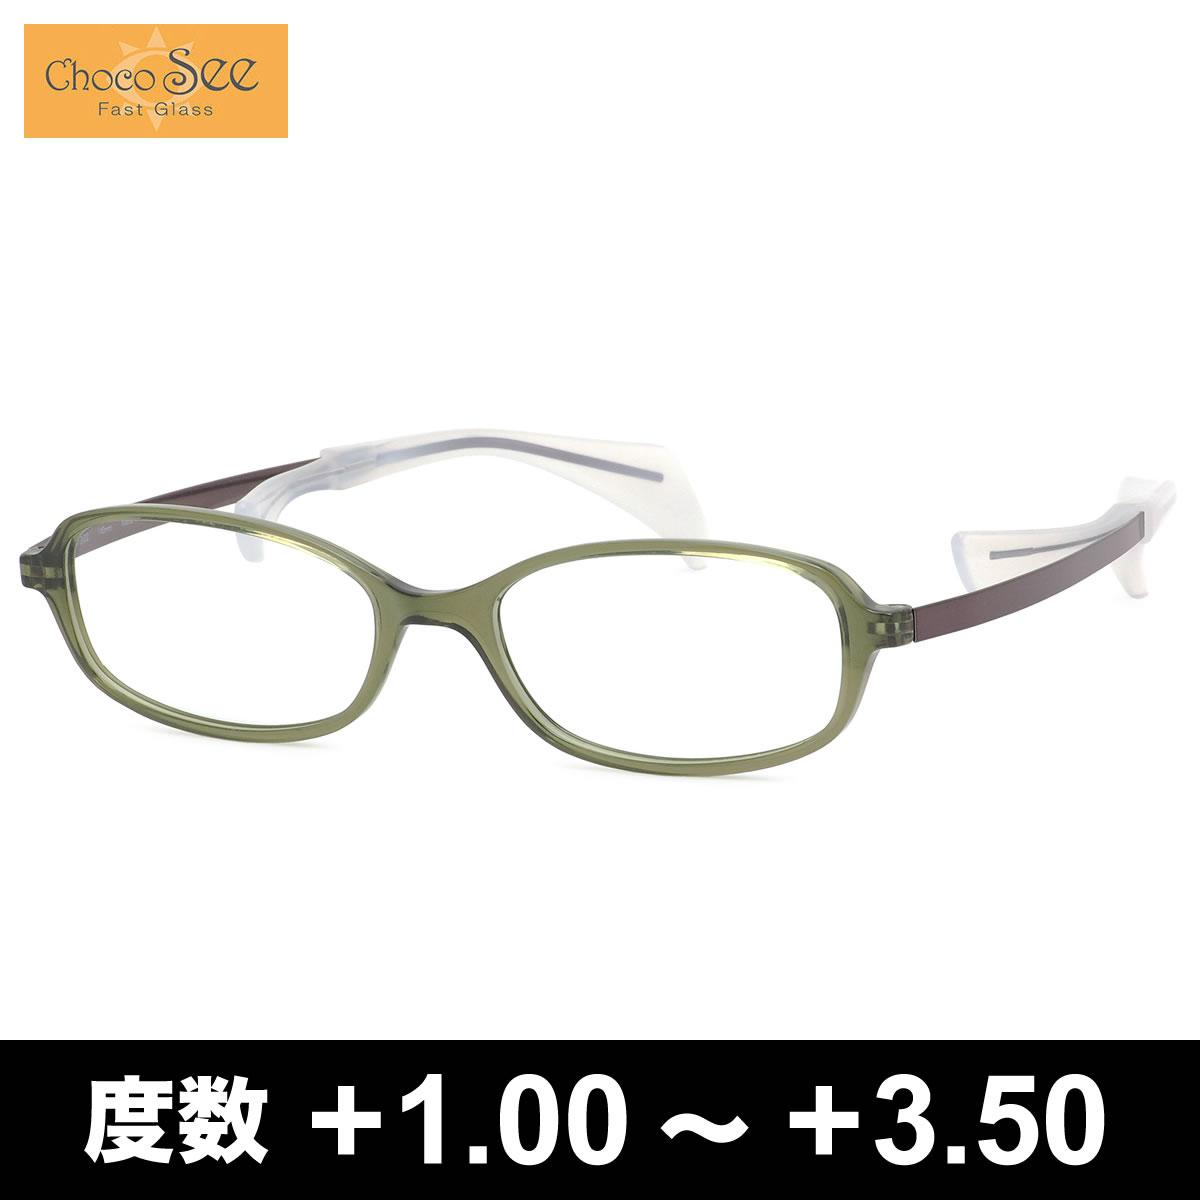 ほぼ全品ポイント15倍~最大43倍+3倍!お得なクーポンも! ちょこシー スマート老眼鏡 +1.00~+3.50 非球面 紫外線カットブルーライトカット ChocoSee FG24503 KH 50サイズ  鼻に跡がつかないメガネ チョコシー ちょこしー ベータチタン [OS]